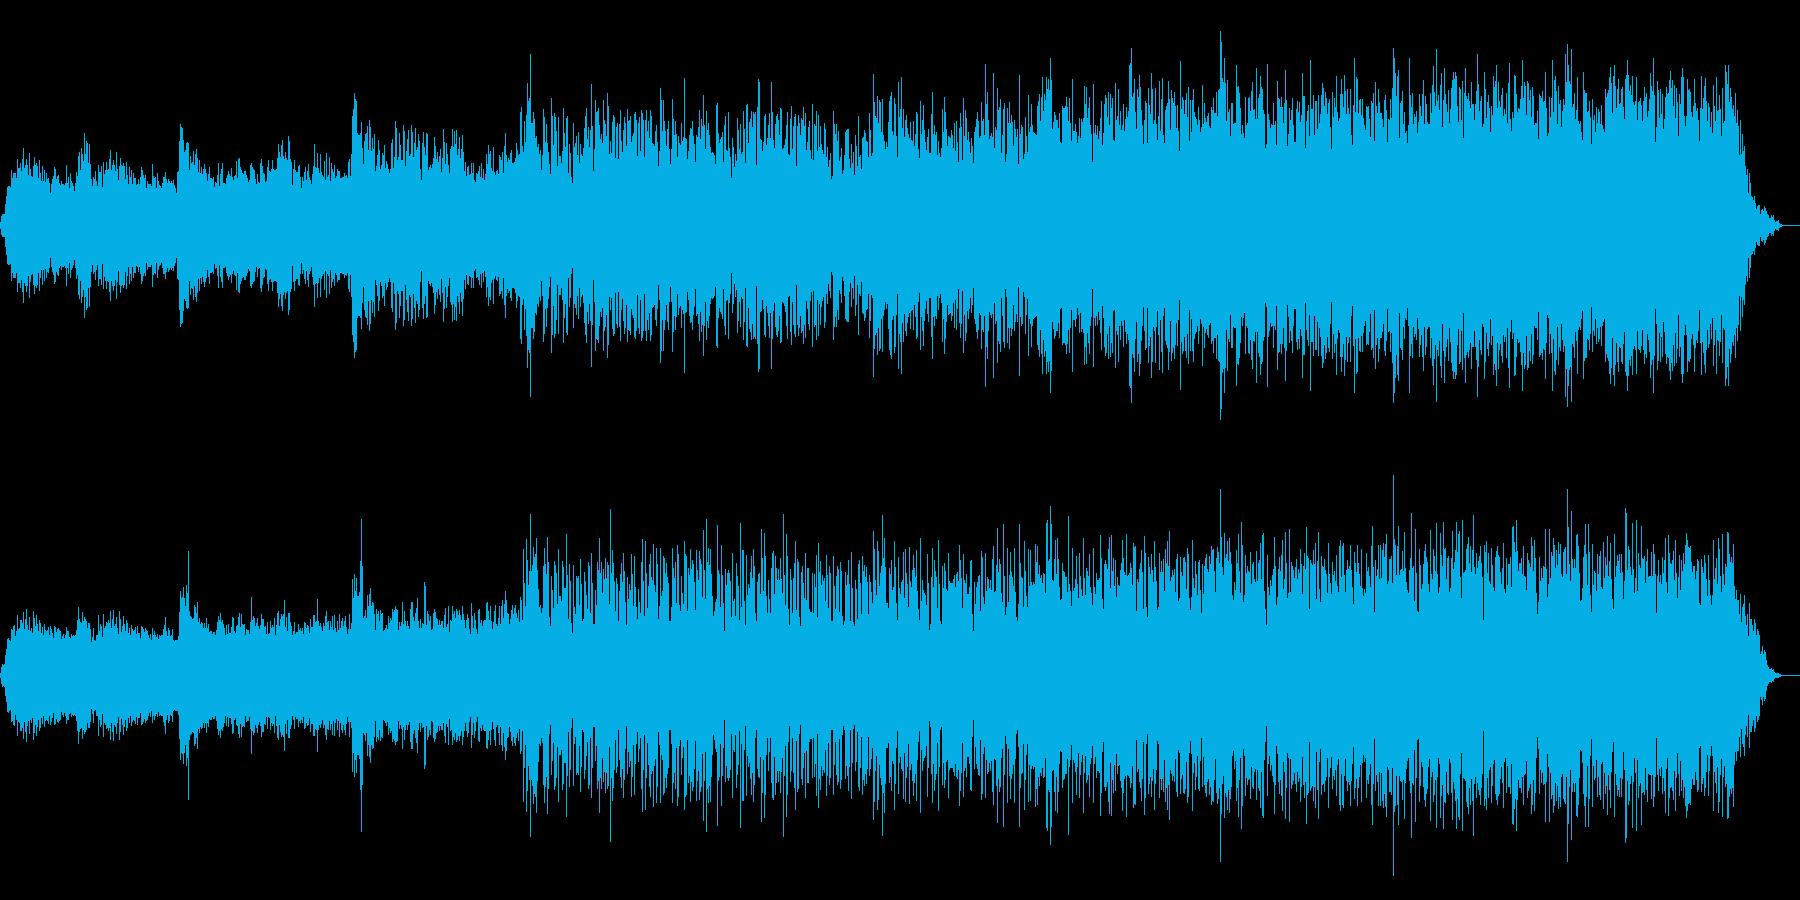 4分BGM ホラー恐怖場面 ピアノや雷の再生済みの波形